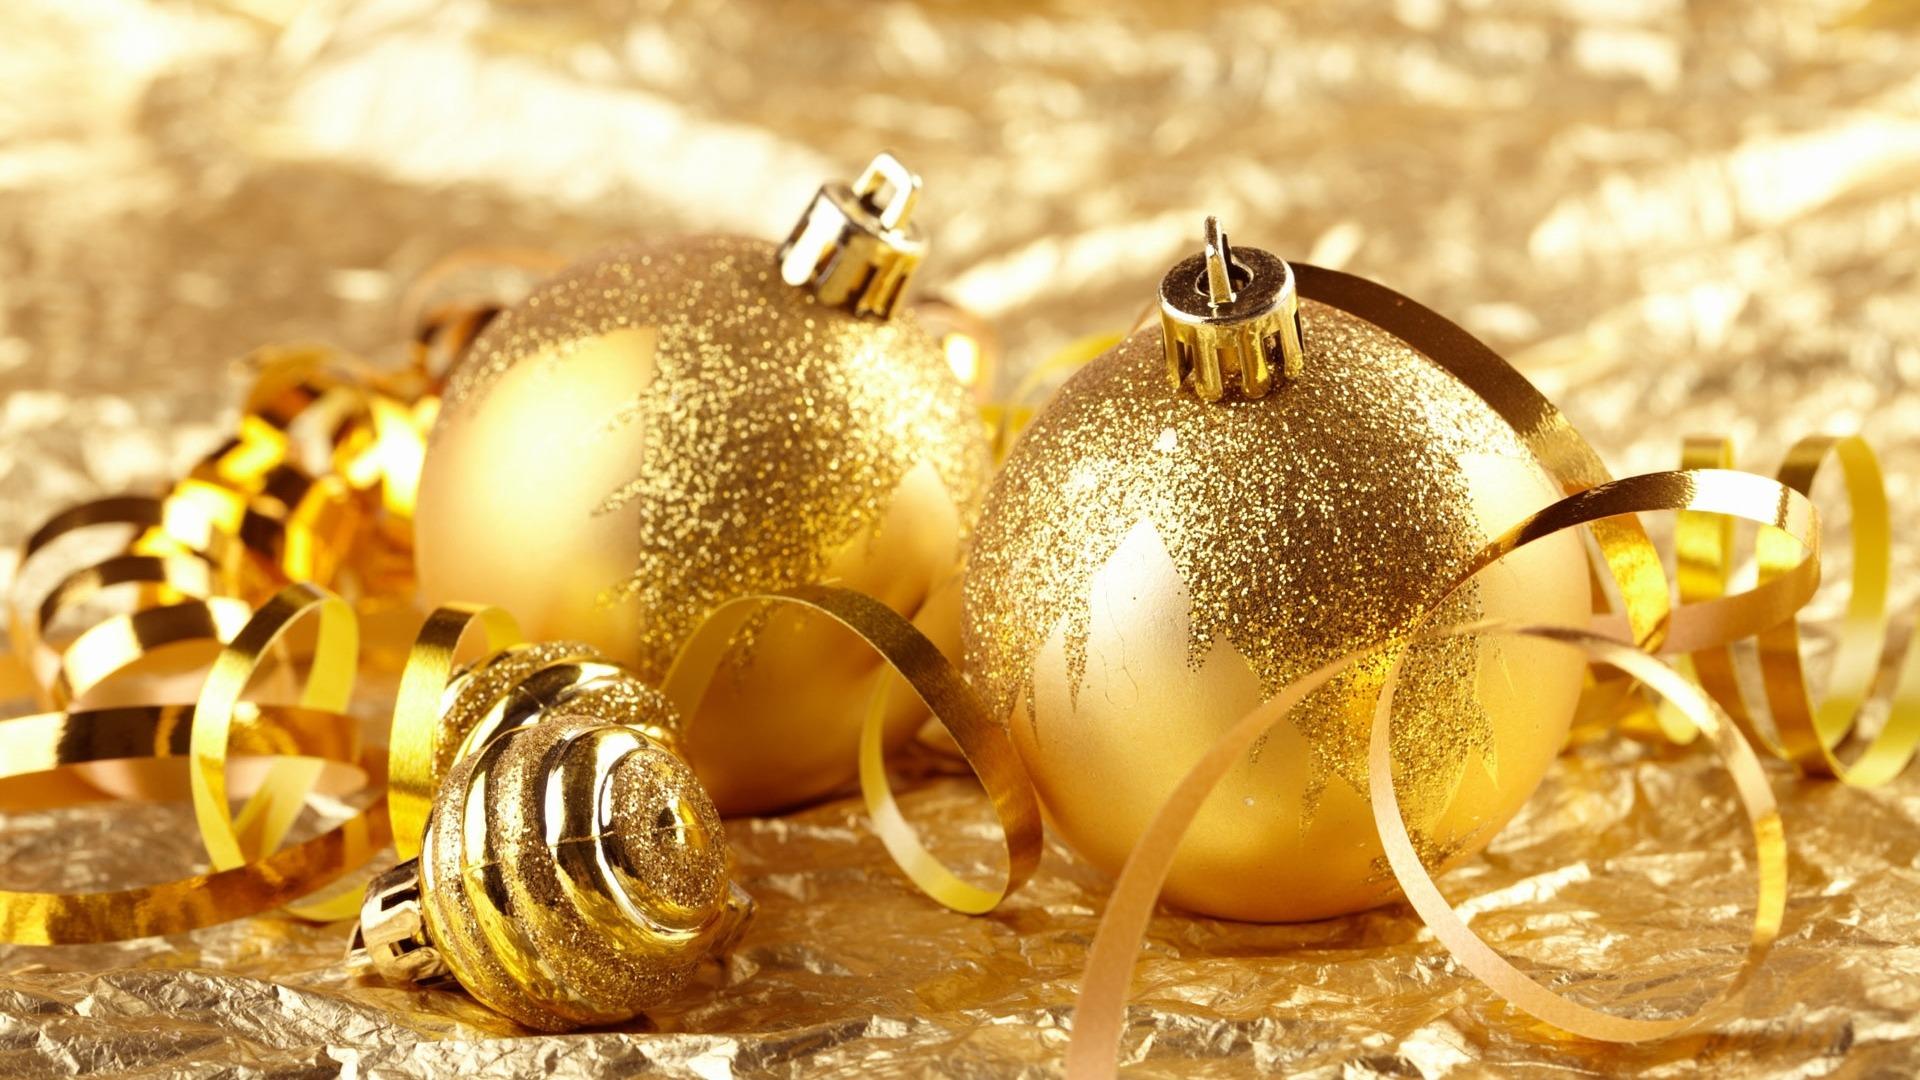 Immagini Natale Oro.Oro Natale Voicebookradio Com